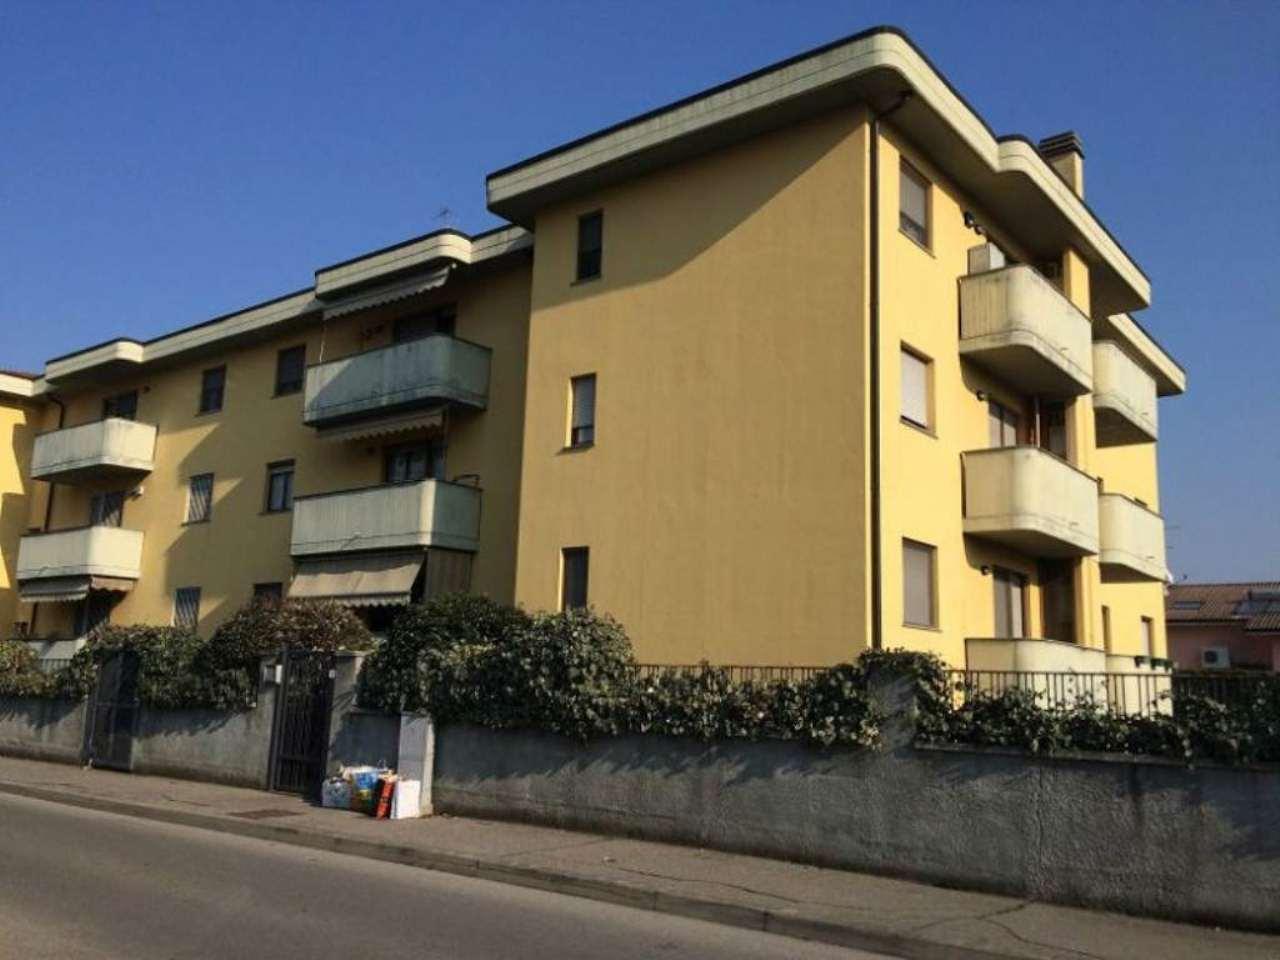 Bilocale Lodi Via Tavazzi Catenago 10